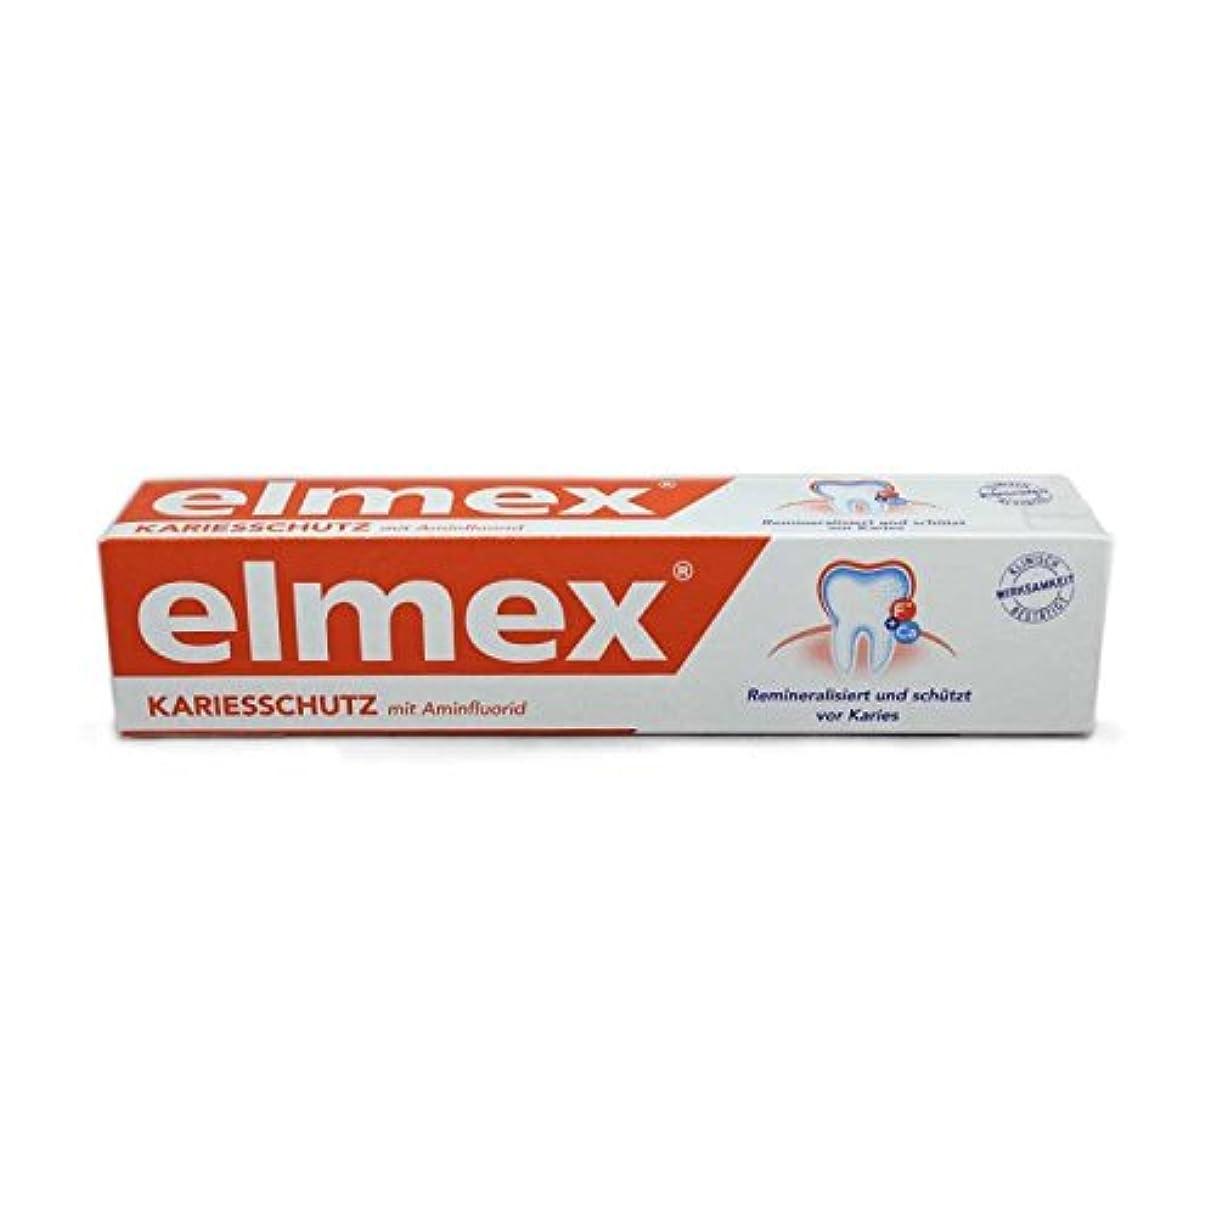 と組むメディック流行エルメックス 虫歯予防 歯磨き粉 Elmex Kariesschutz Toothpaste 75ml [並行輸入品]